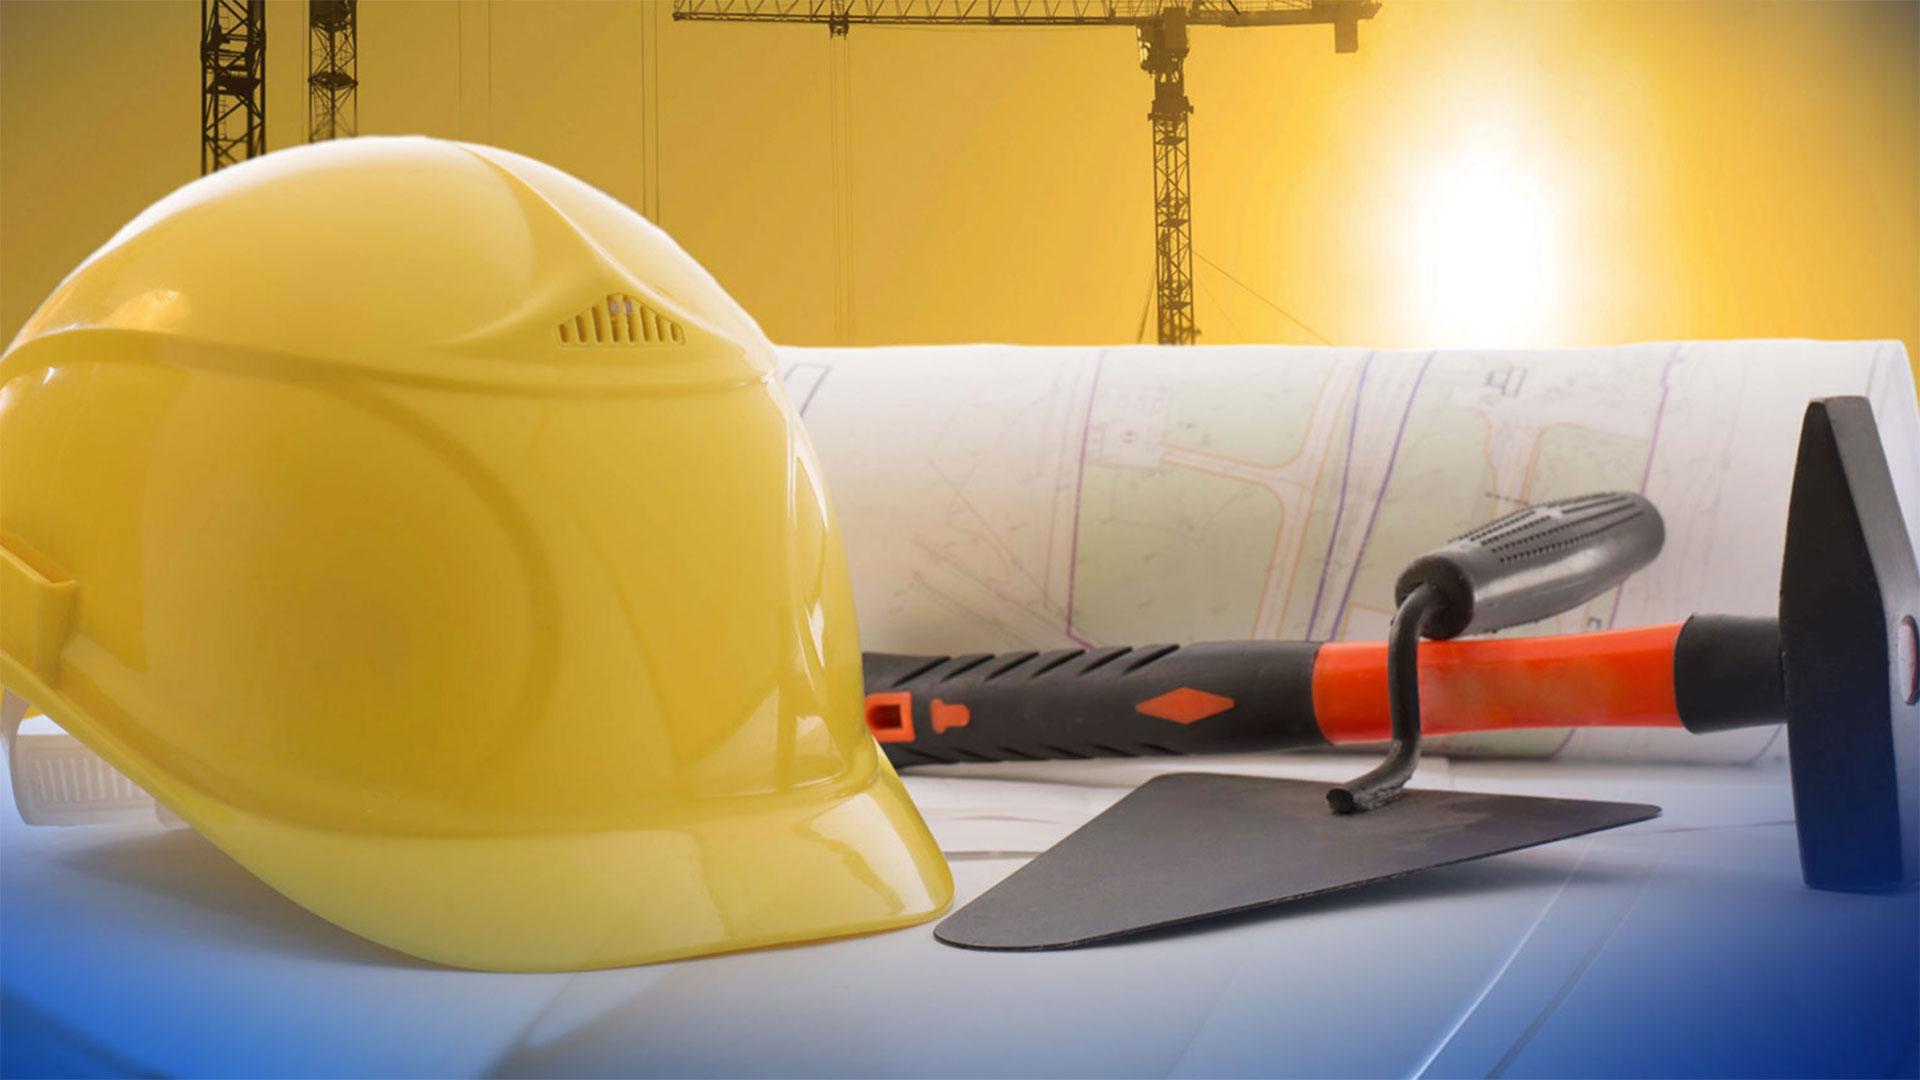 KELO building plans construction